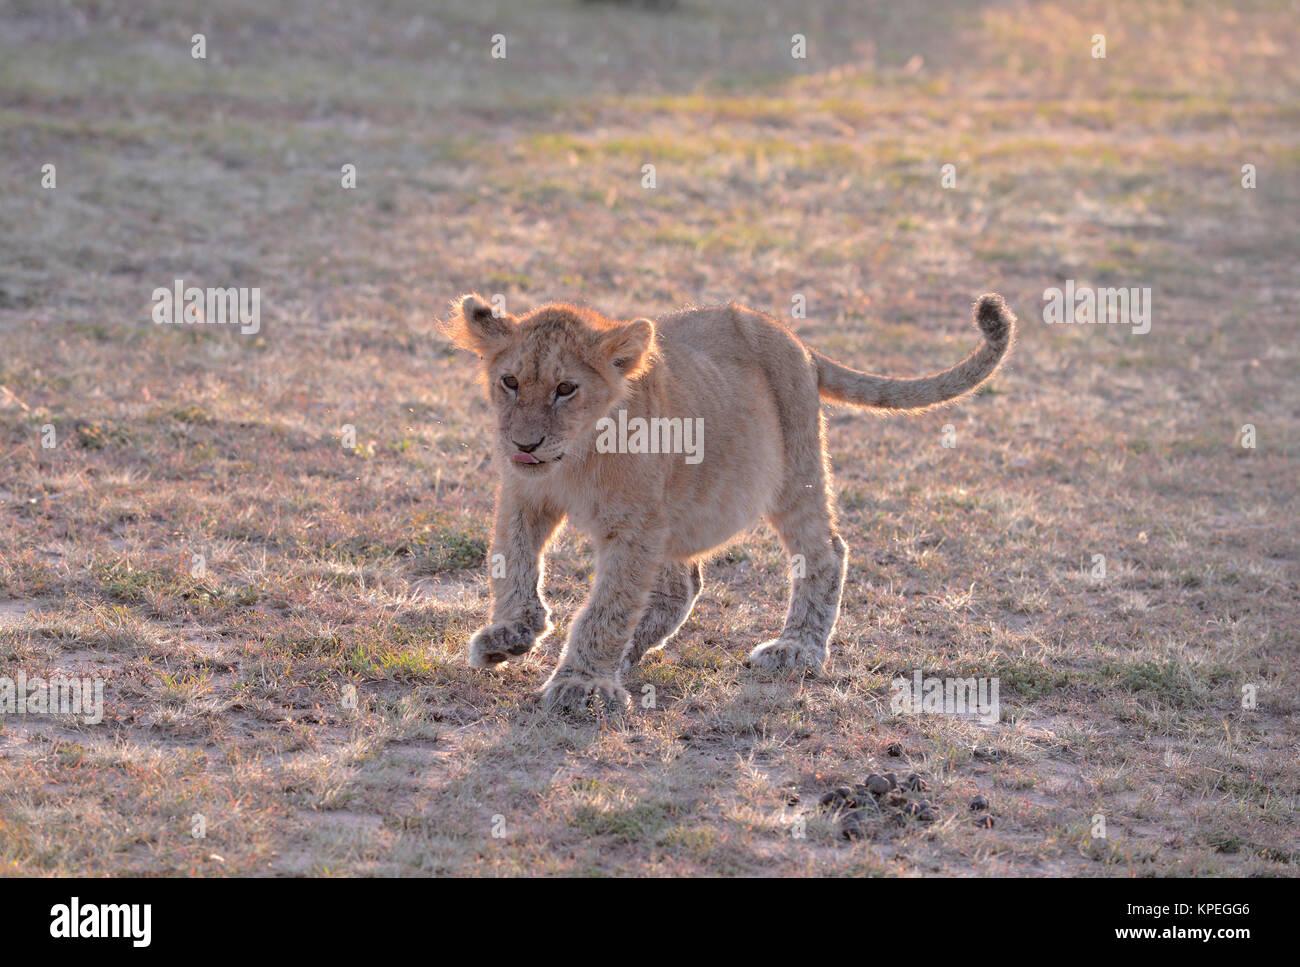 La faune de Maasai Mara, Kenya. Petit lion cub tous seul dans la prairie. Photo Stock